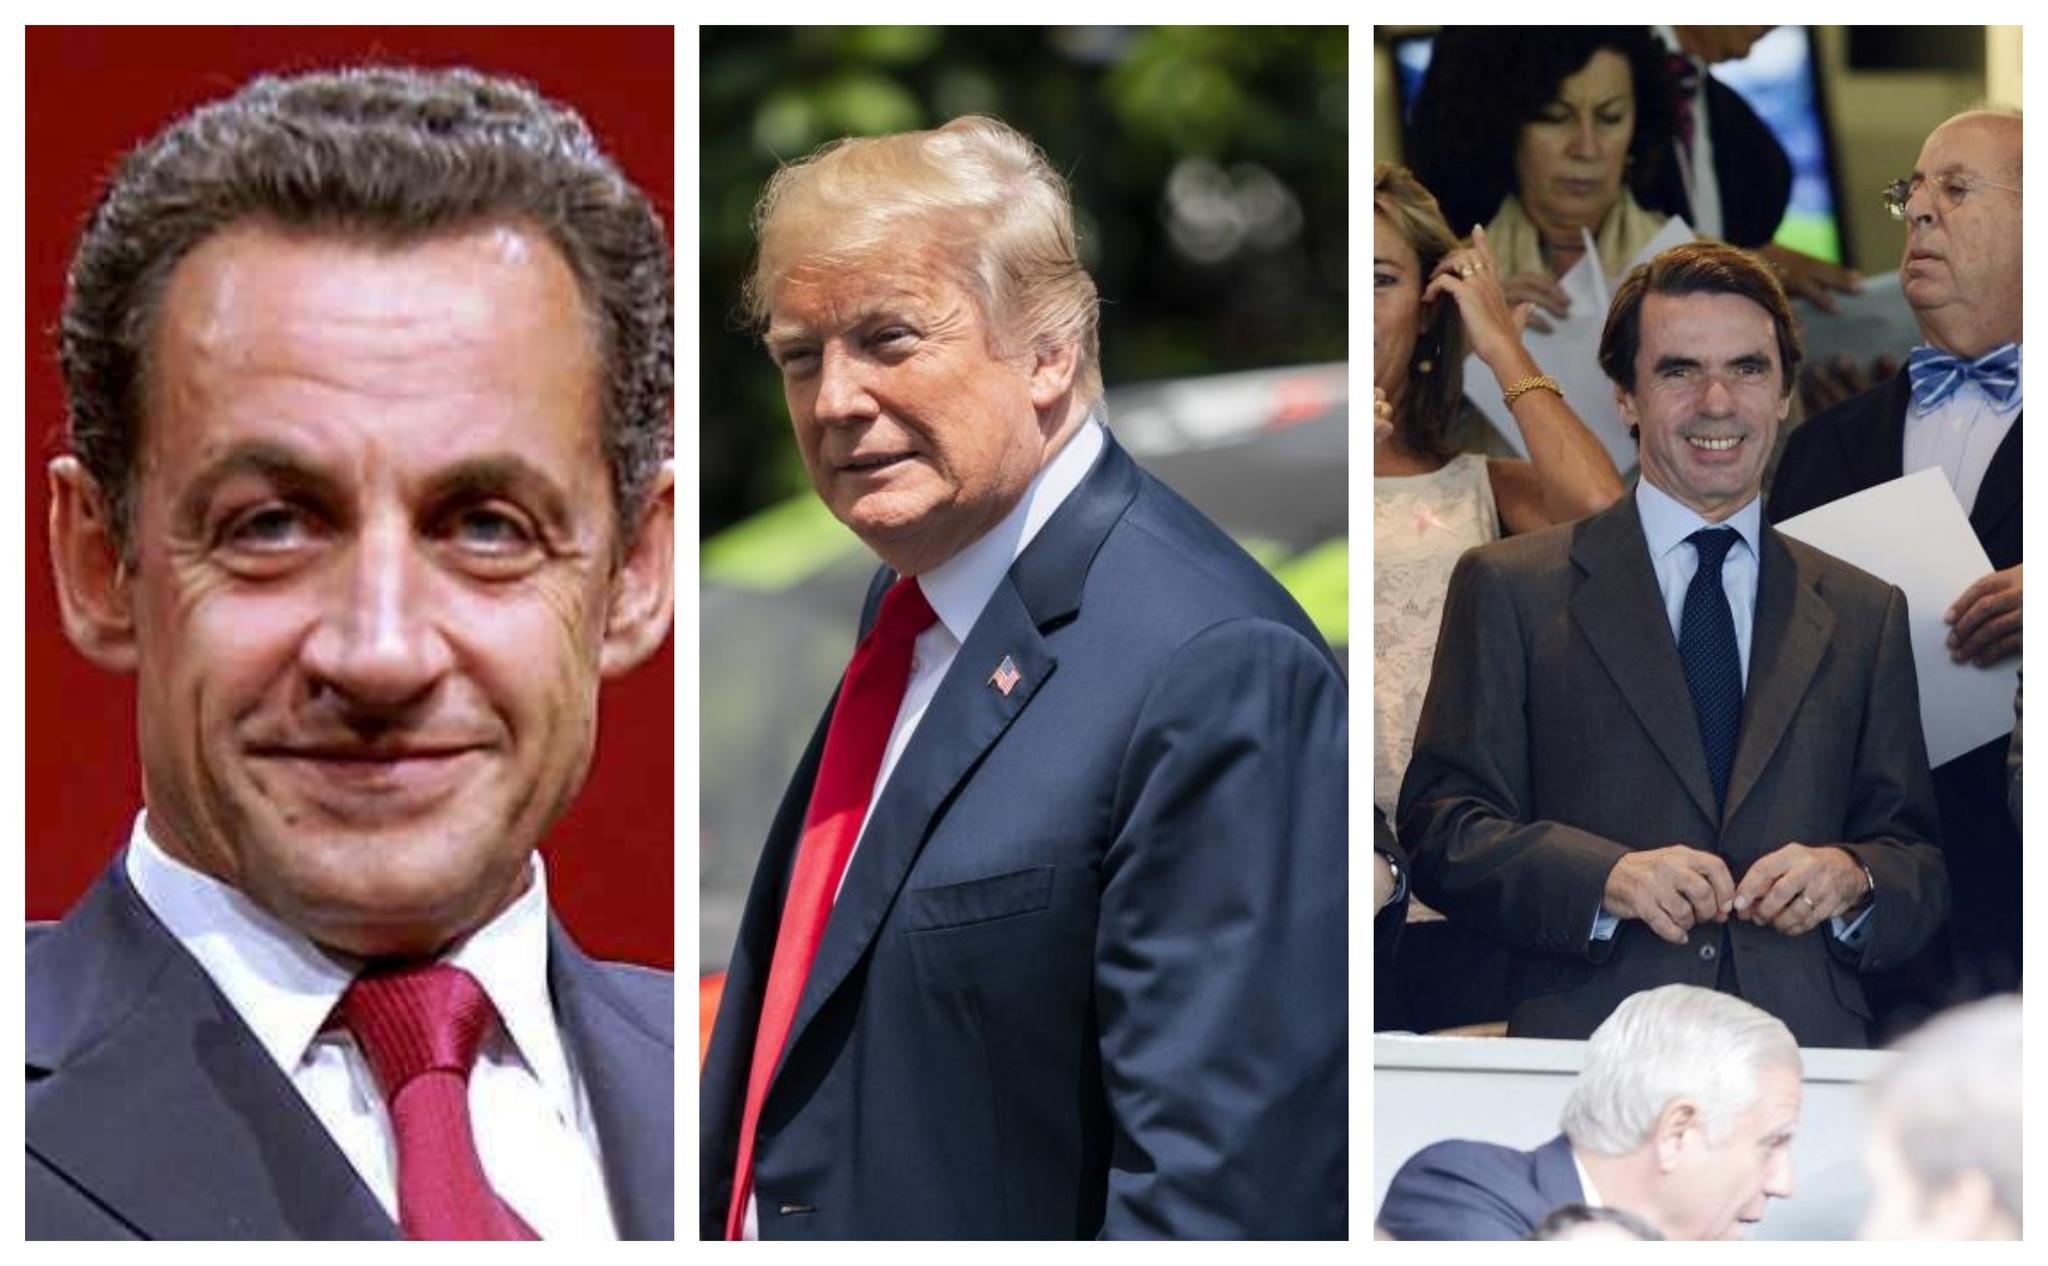 Nicolás Sarkozy, Donald Trump y José María Aznar